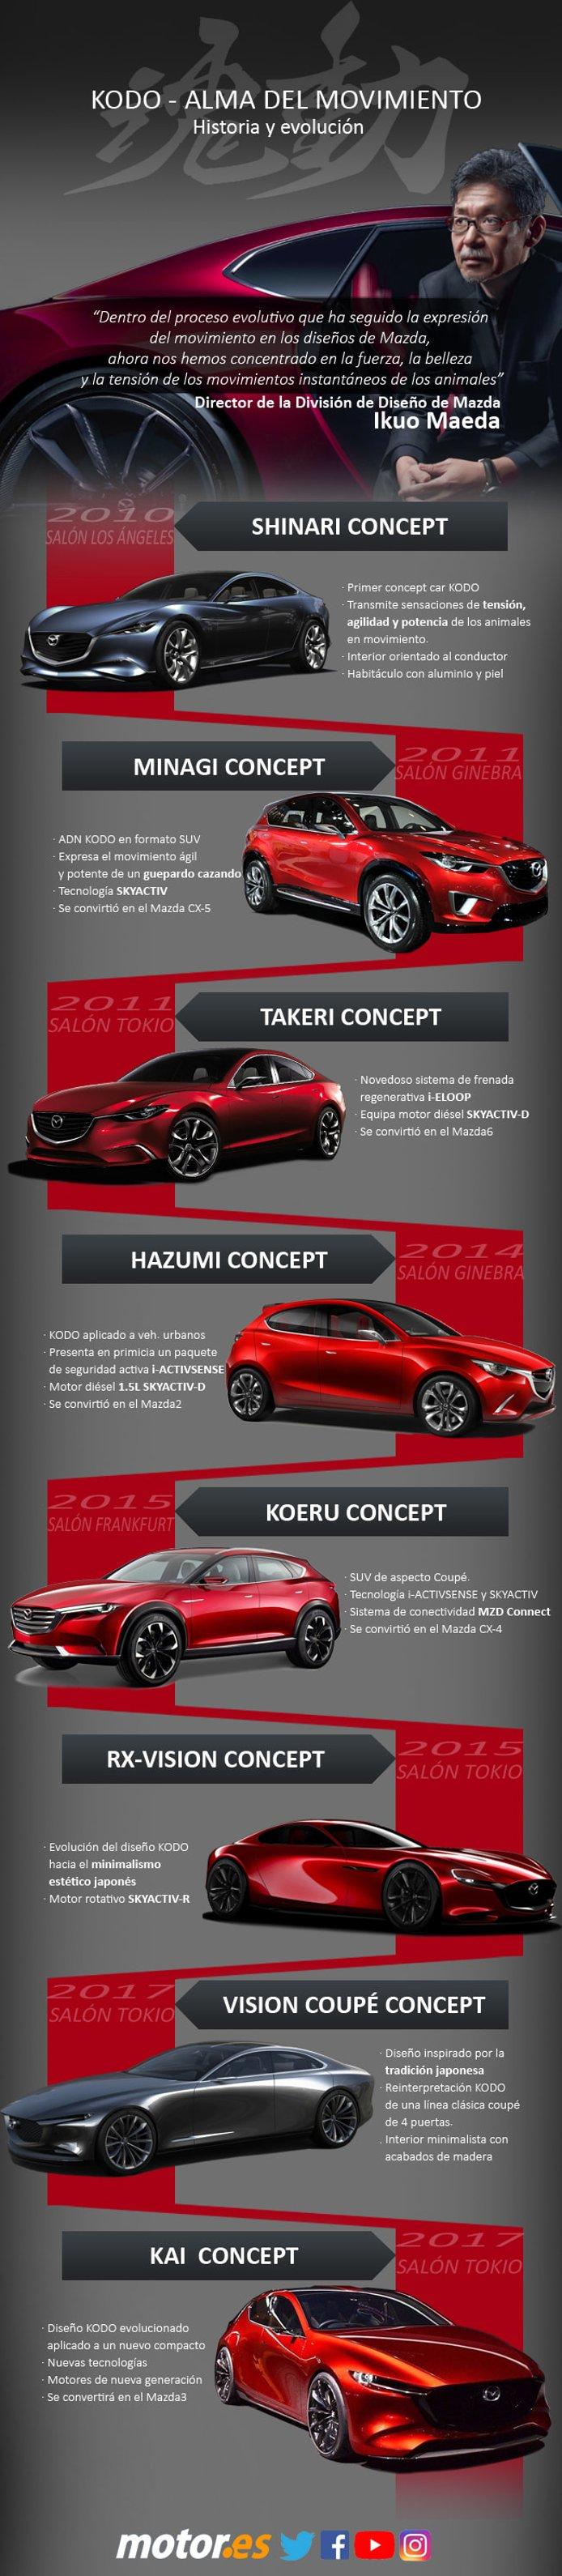 Mazda / KODO